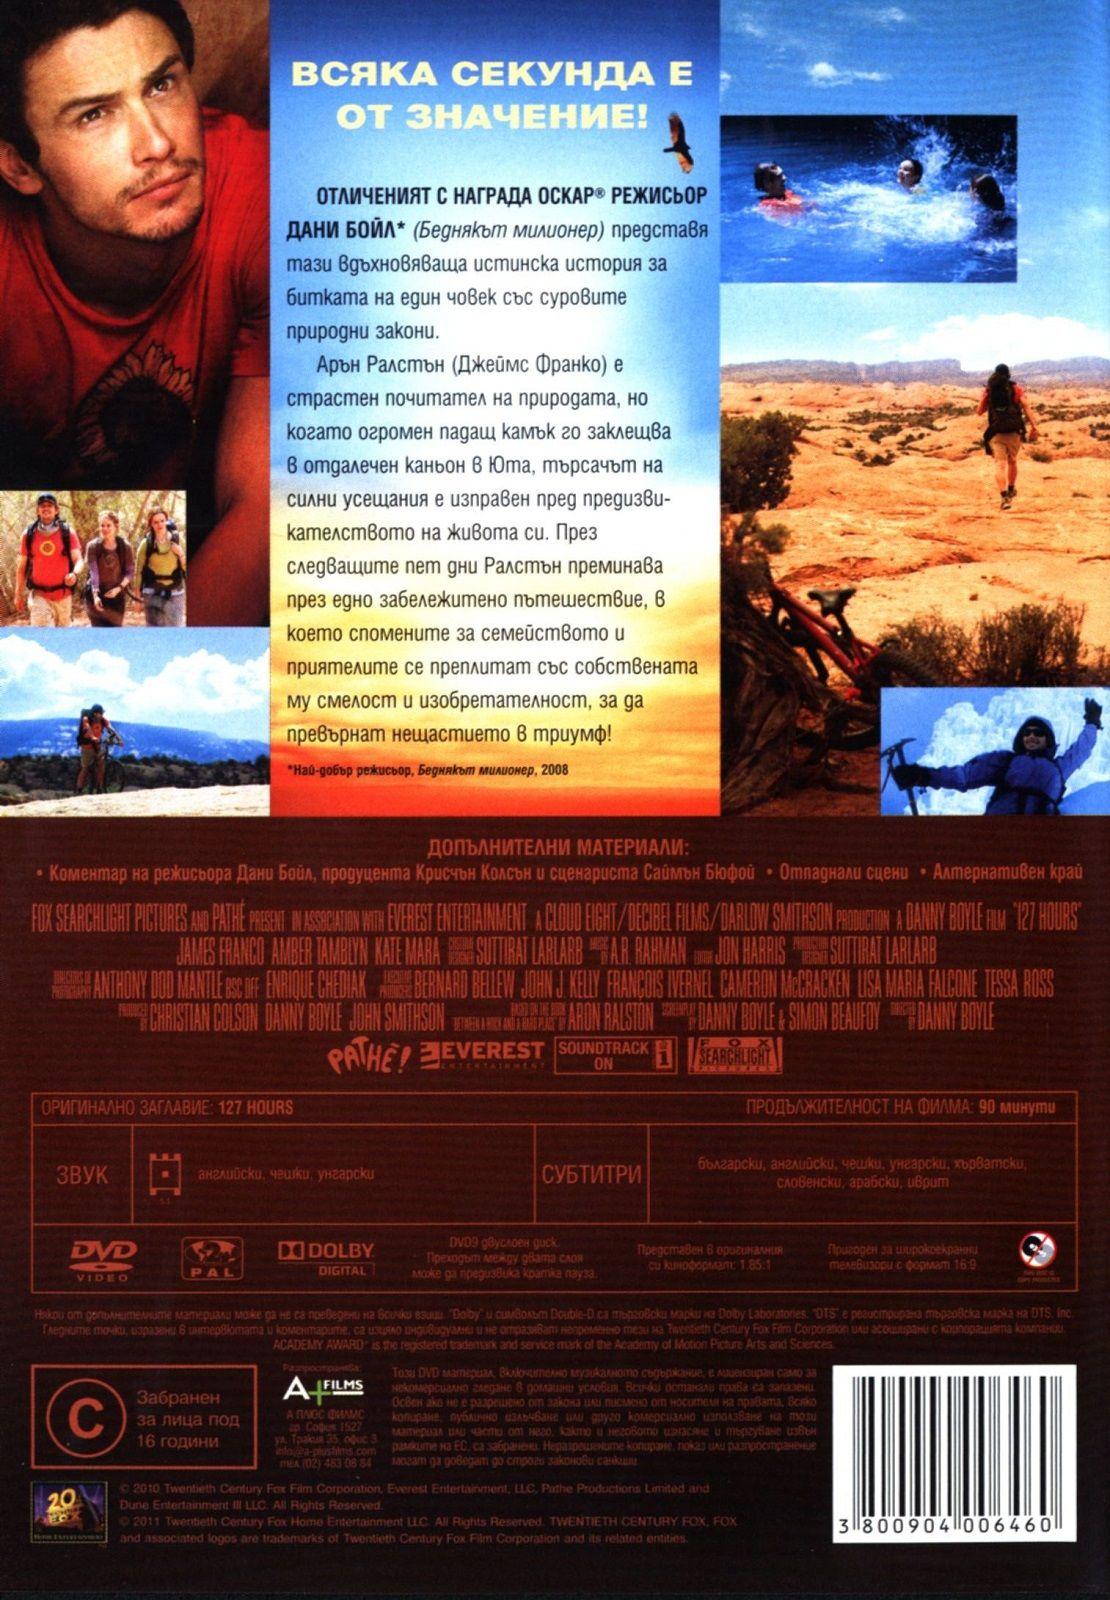 127 часа (DVD) - 3